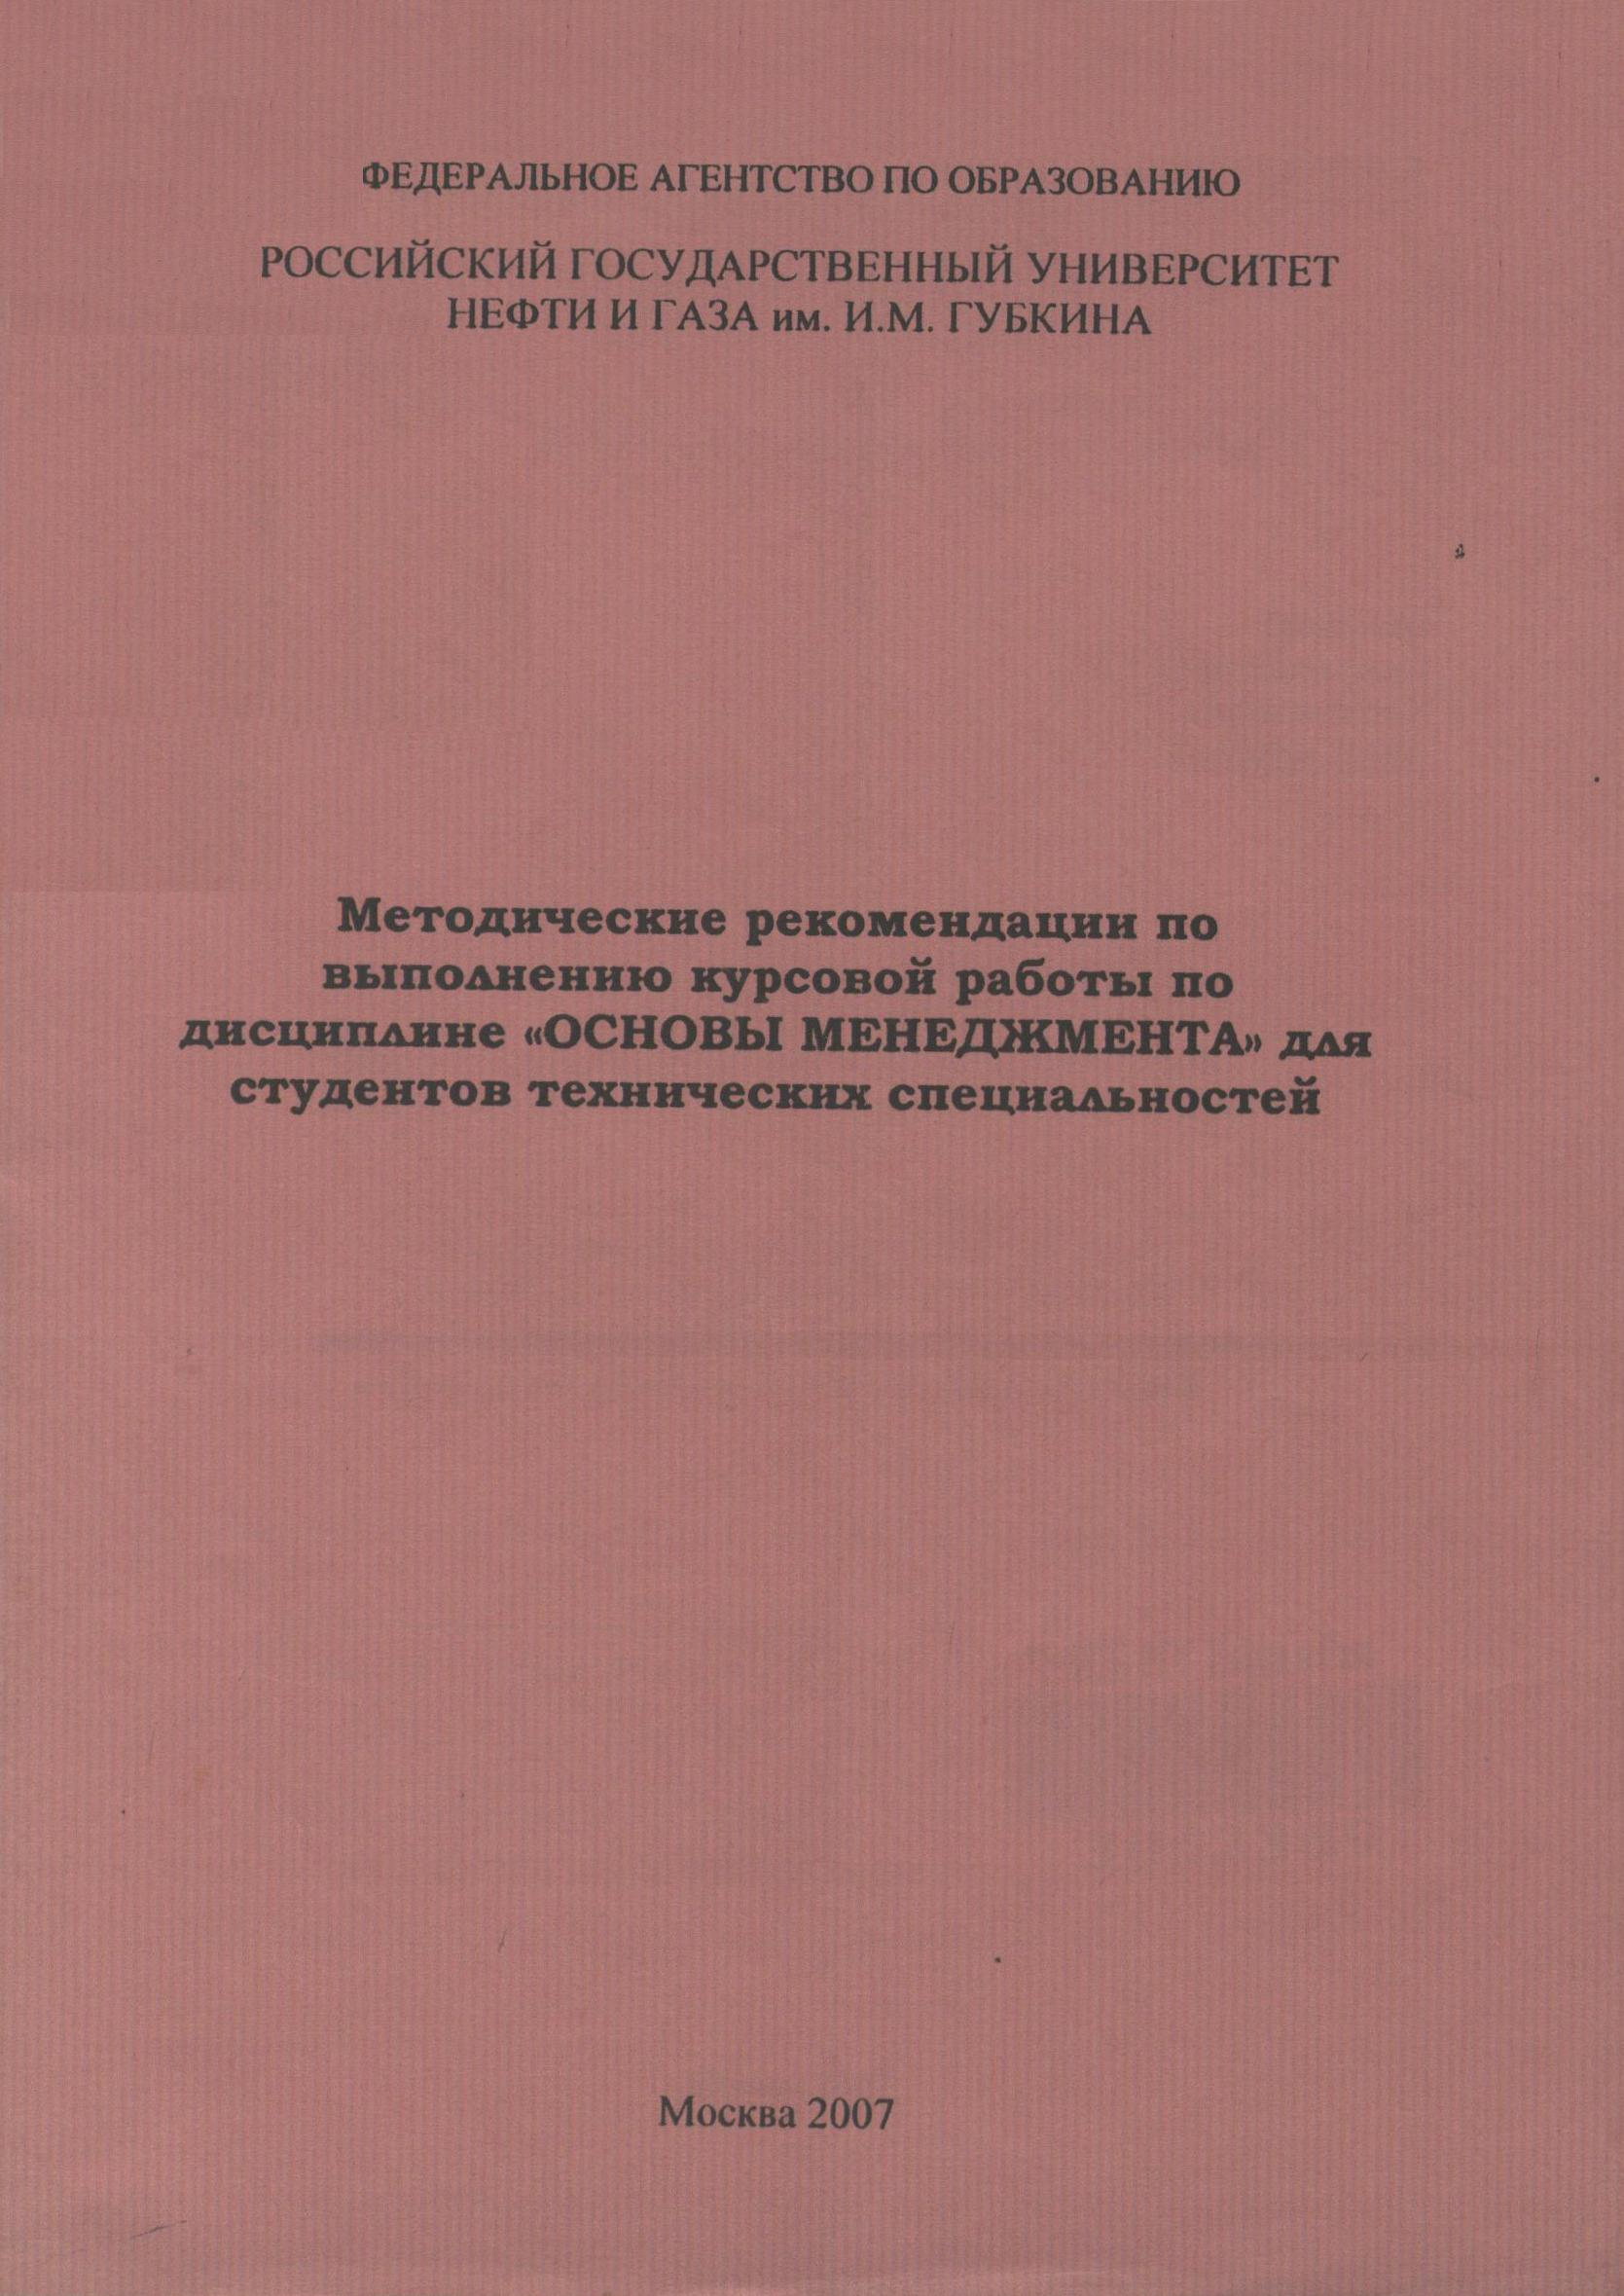 Финансовый менеджмент темы курсовых работ по методичке 8024